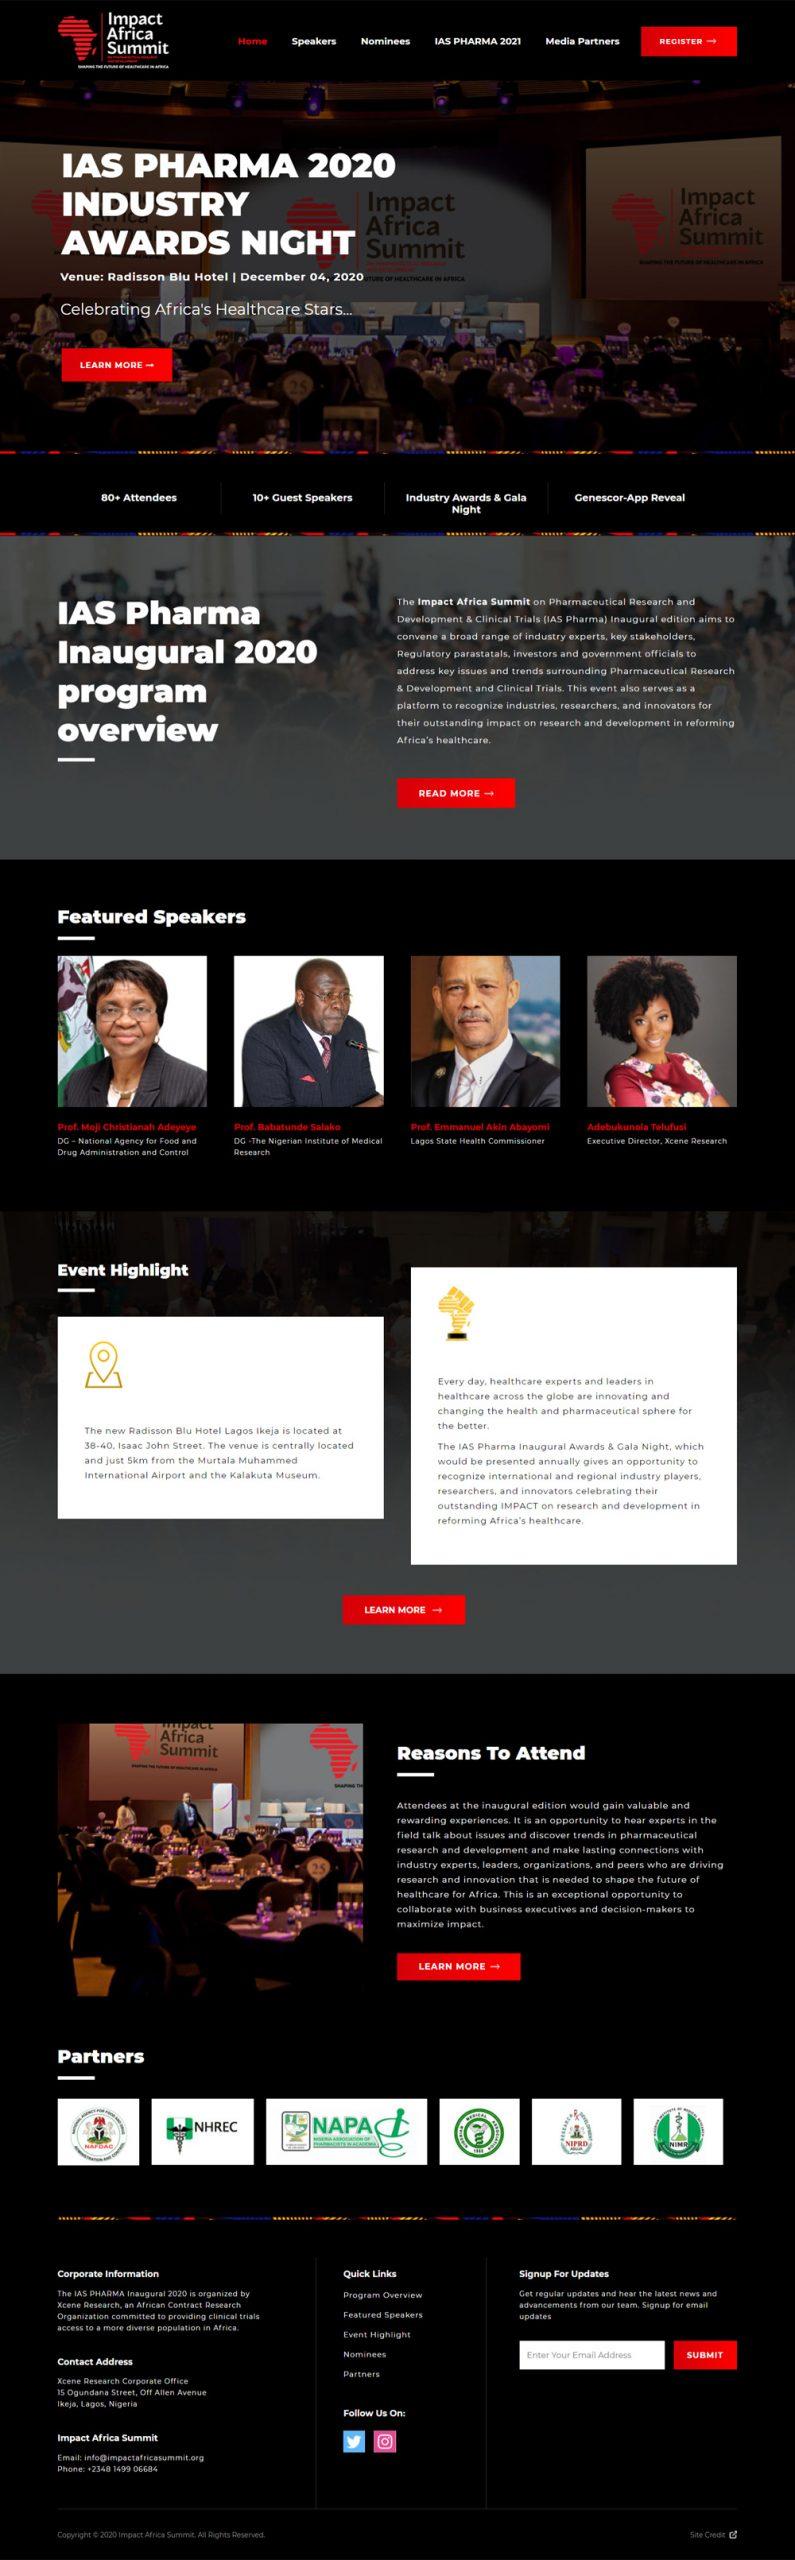 IAS website design